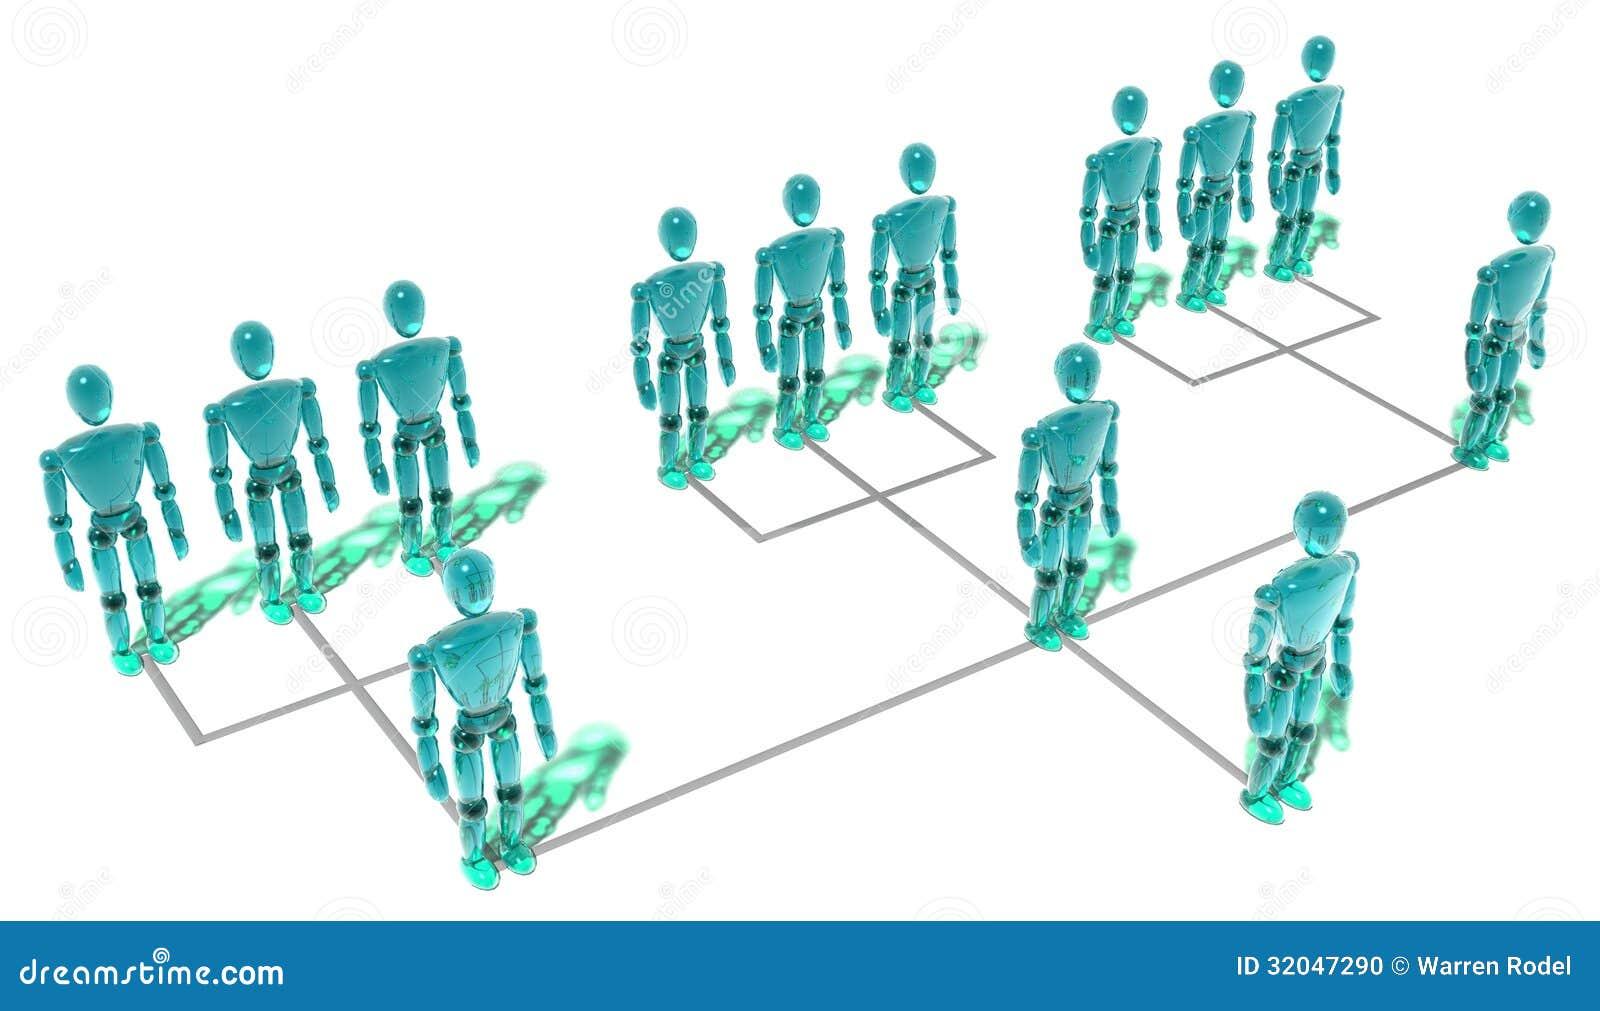 雇主組織系統圖在企業結構內的.圖片